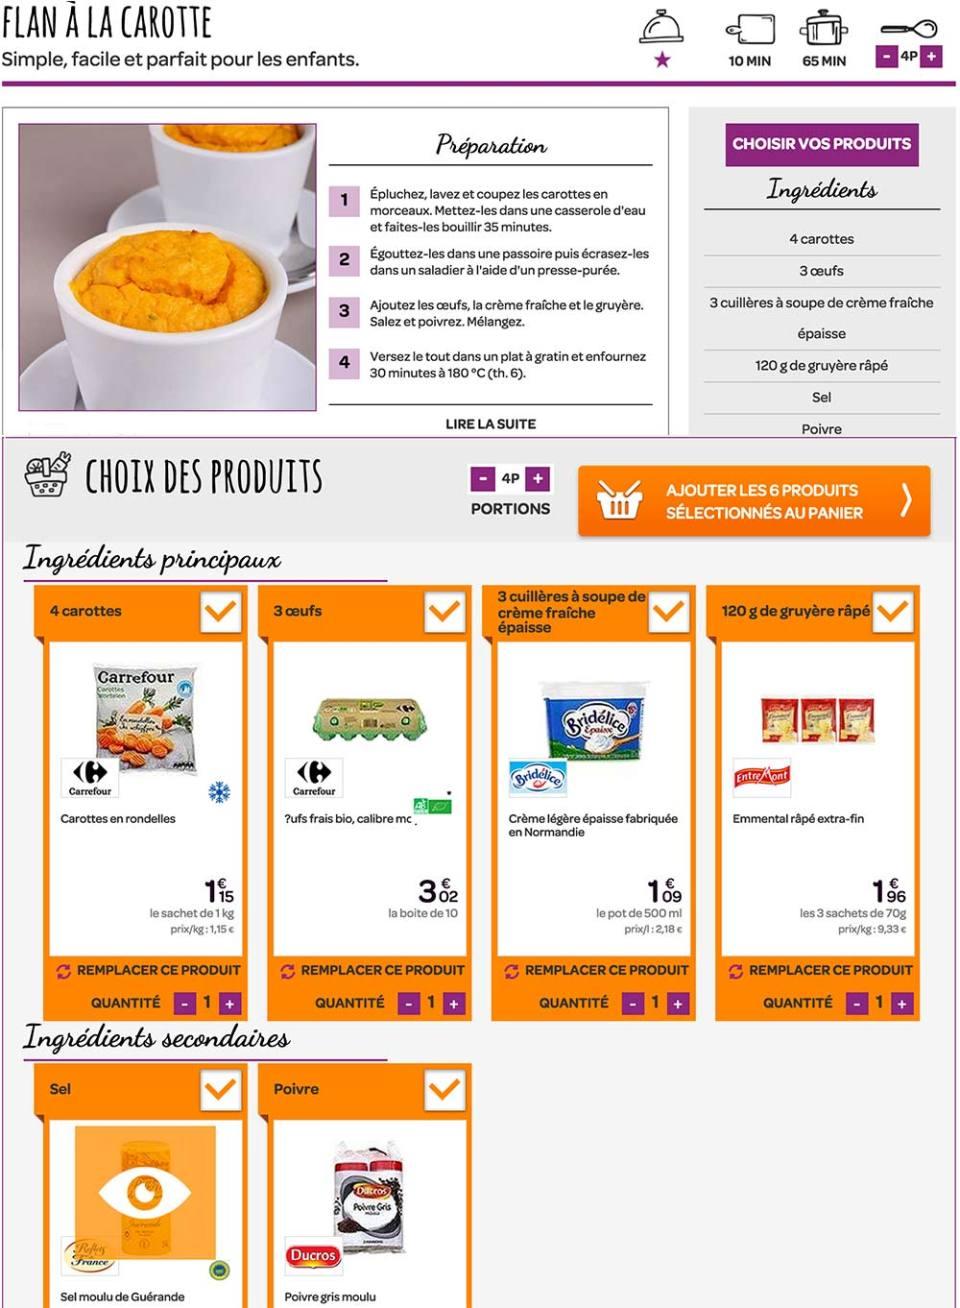 Depuis début avril 2015, Carrefour propose des idées recettes avec possibilité de commander via le drive les ingrédients nécessaires pour l'élaboration du plat.